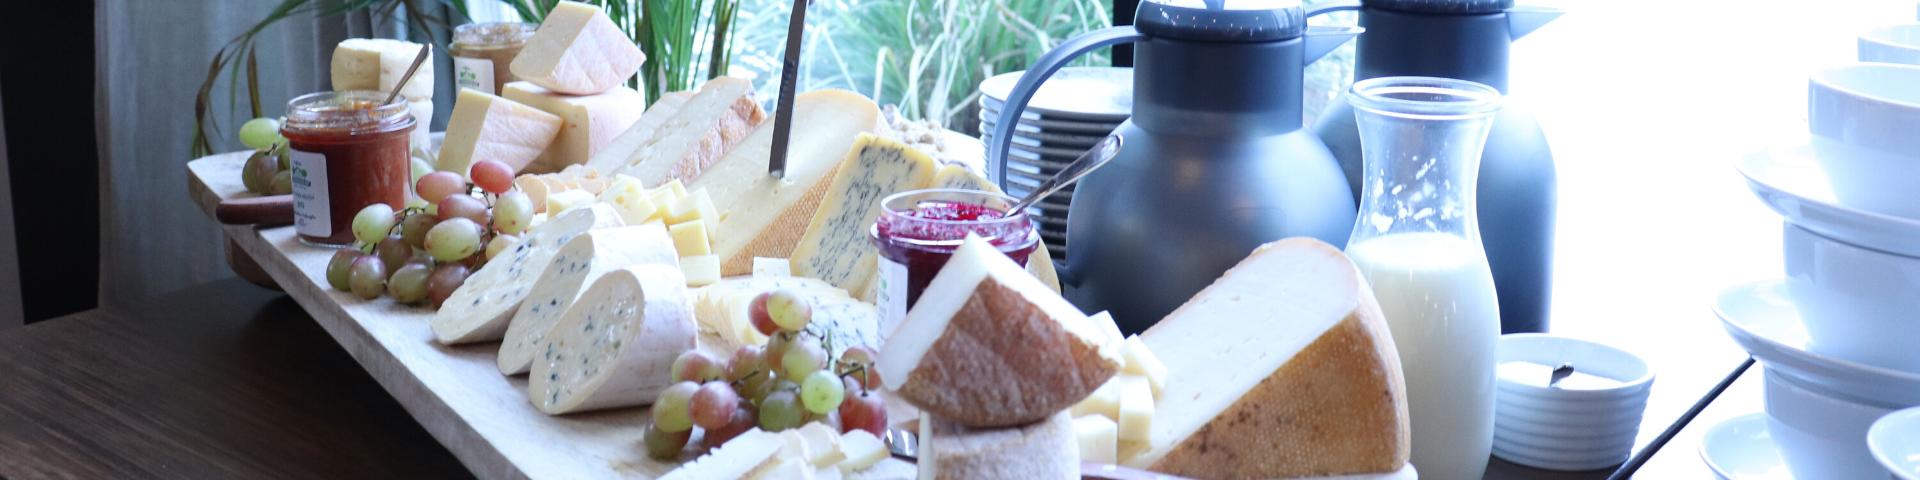 Tisch mit vielen Käsesorten